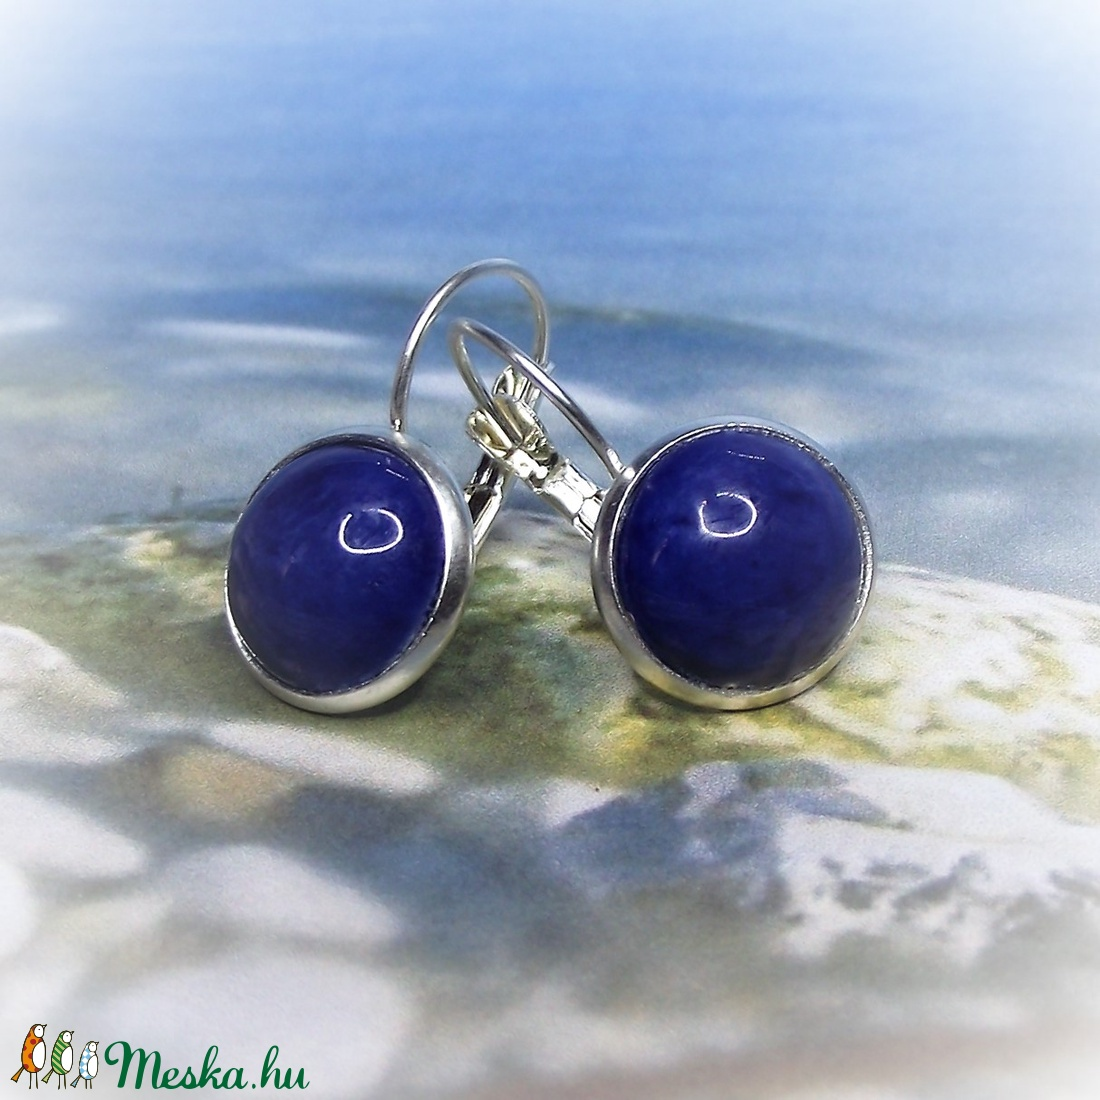 Kék franciakapcsos, tányéros fülbevaló kerámiából - ékszer - fülbevaló - lógós kerek fülbevaló - Meska.hu